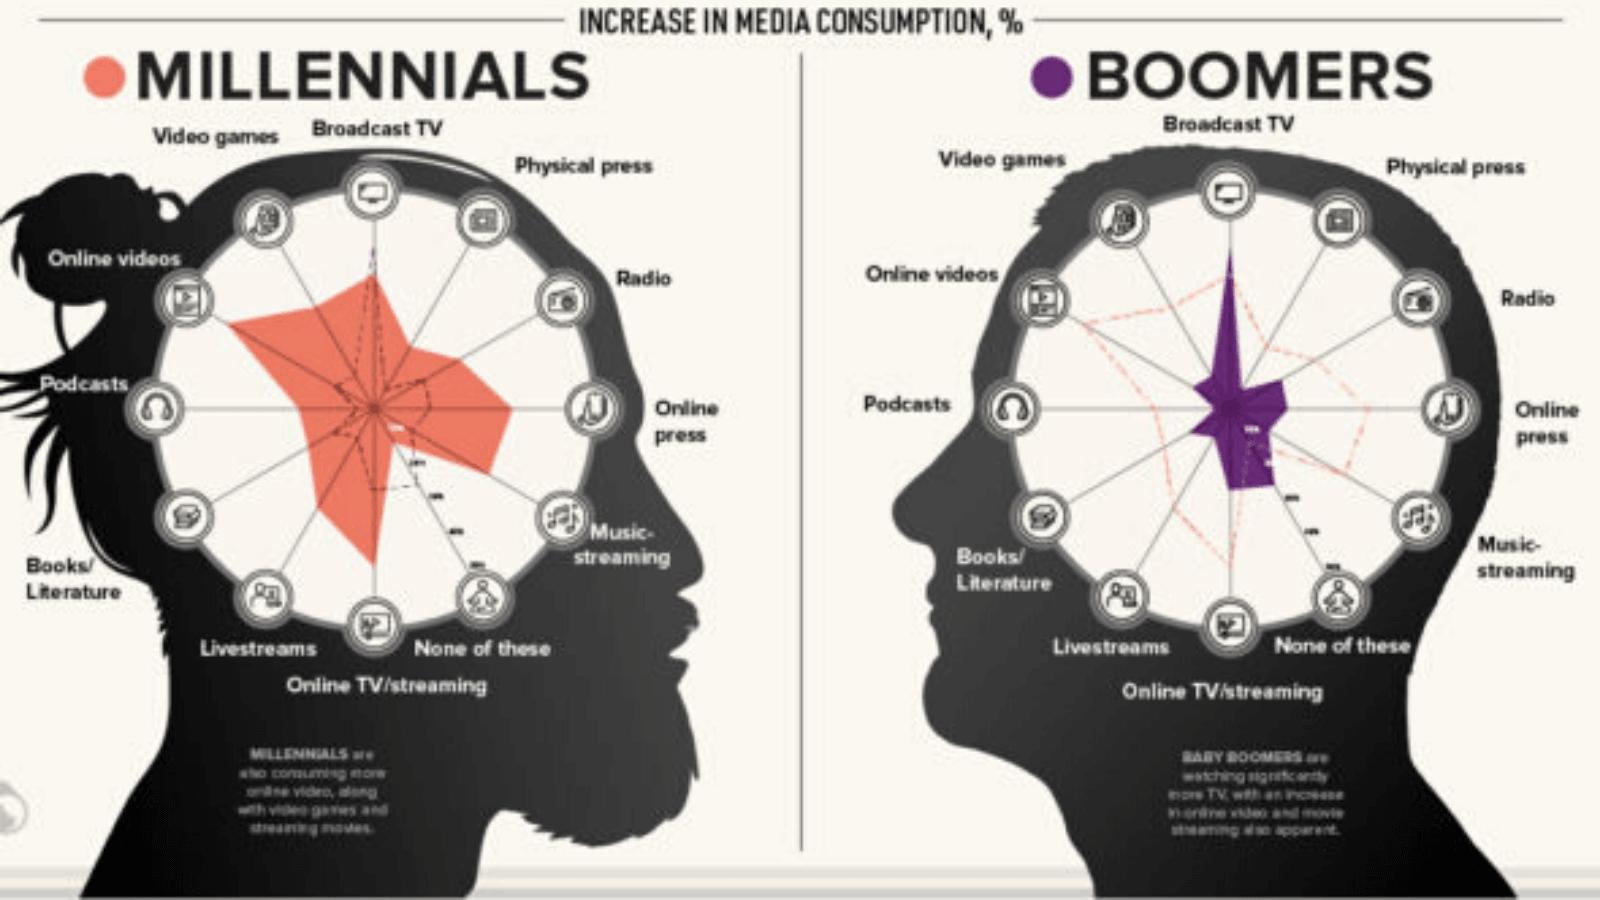 ¿Cómo impacta el Covid-19 en el consumo de medios Así es el comportamiento de 4 generaciones dominantes del mundo virtual 43